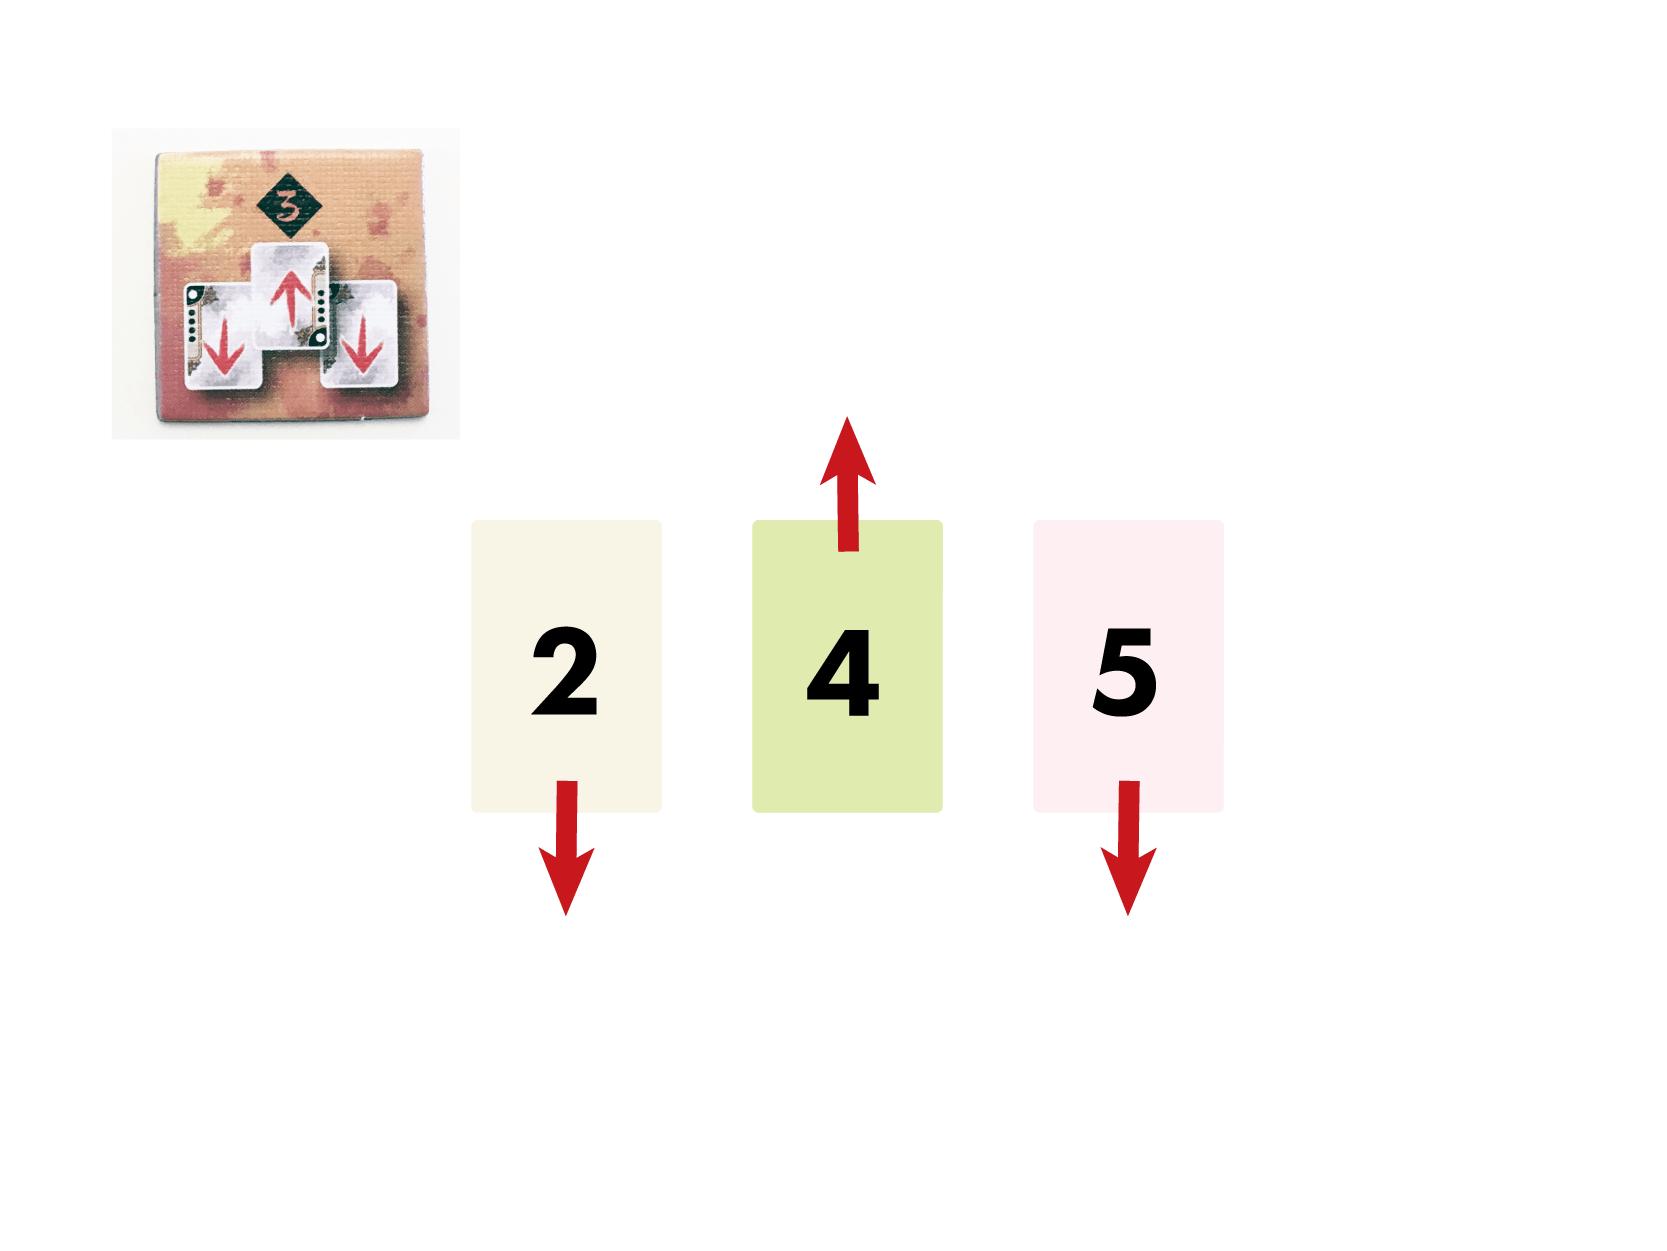 花見小路-図-3番のアクション